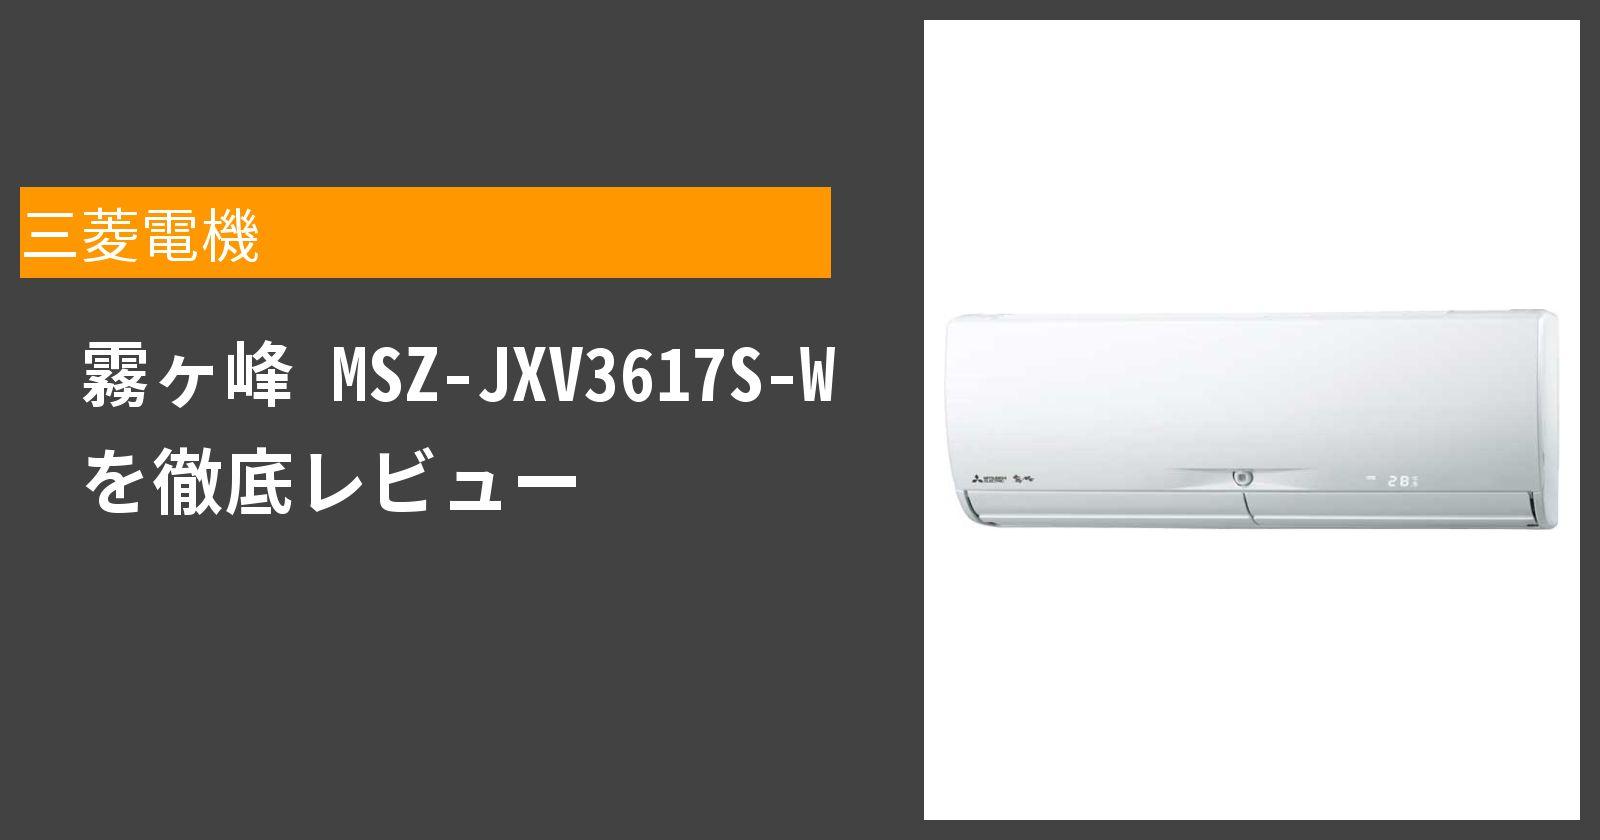 霧ヶ峰 MSZ-JXV3617S-Wを徹底評価